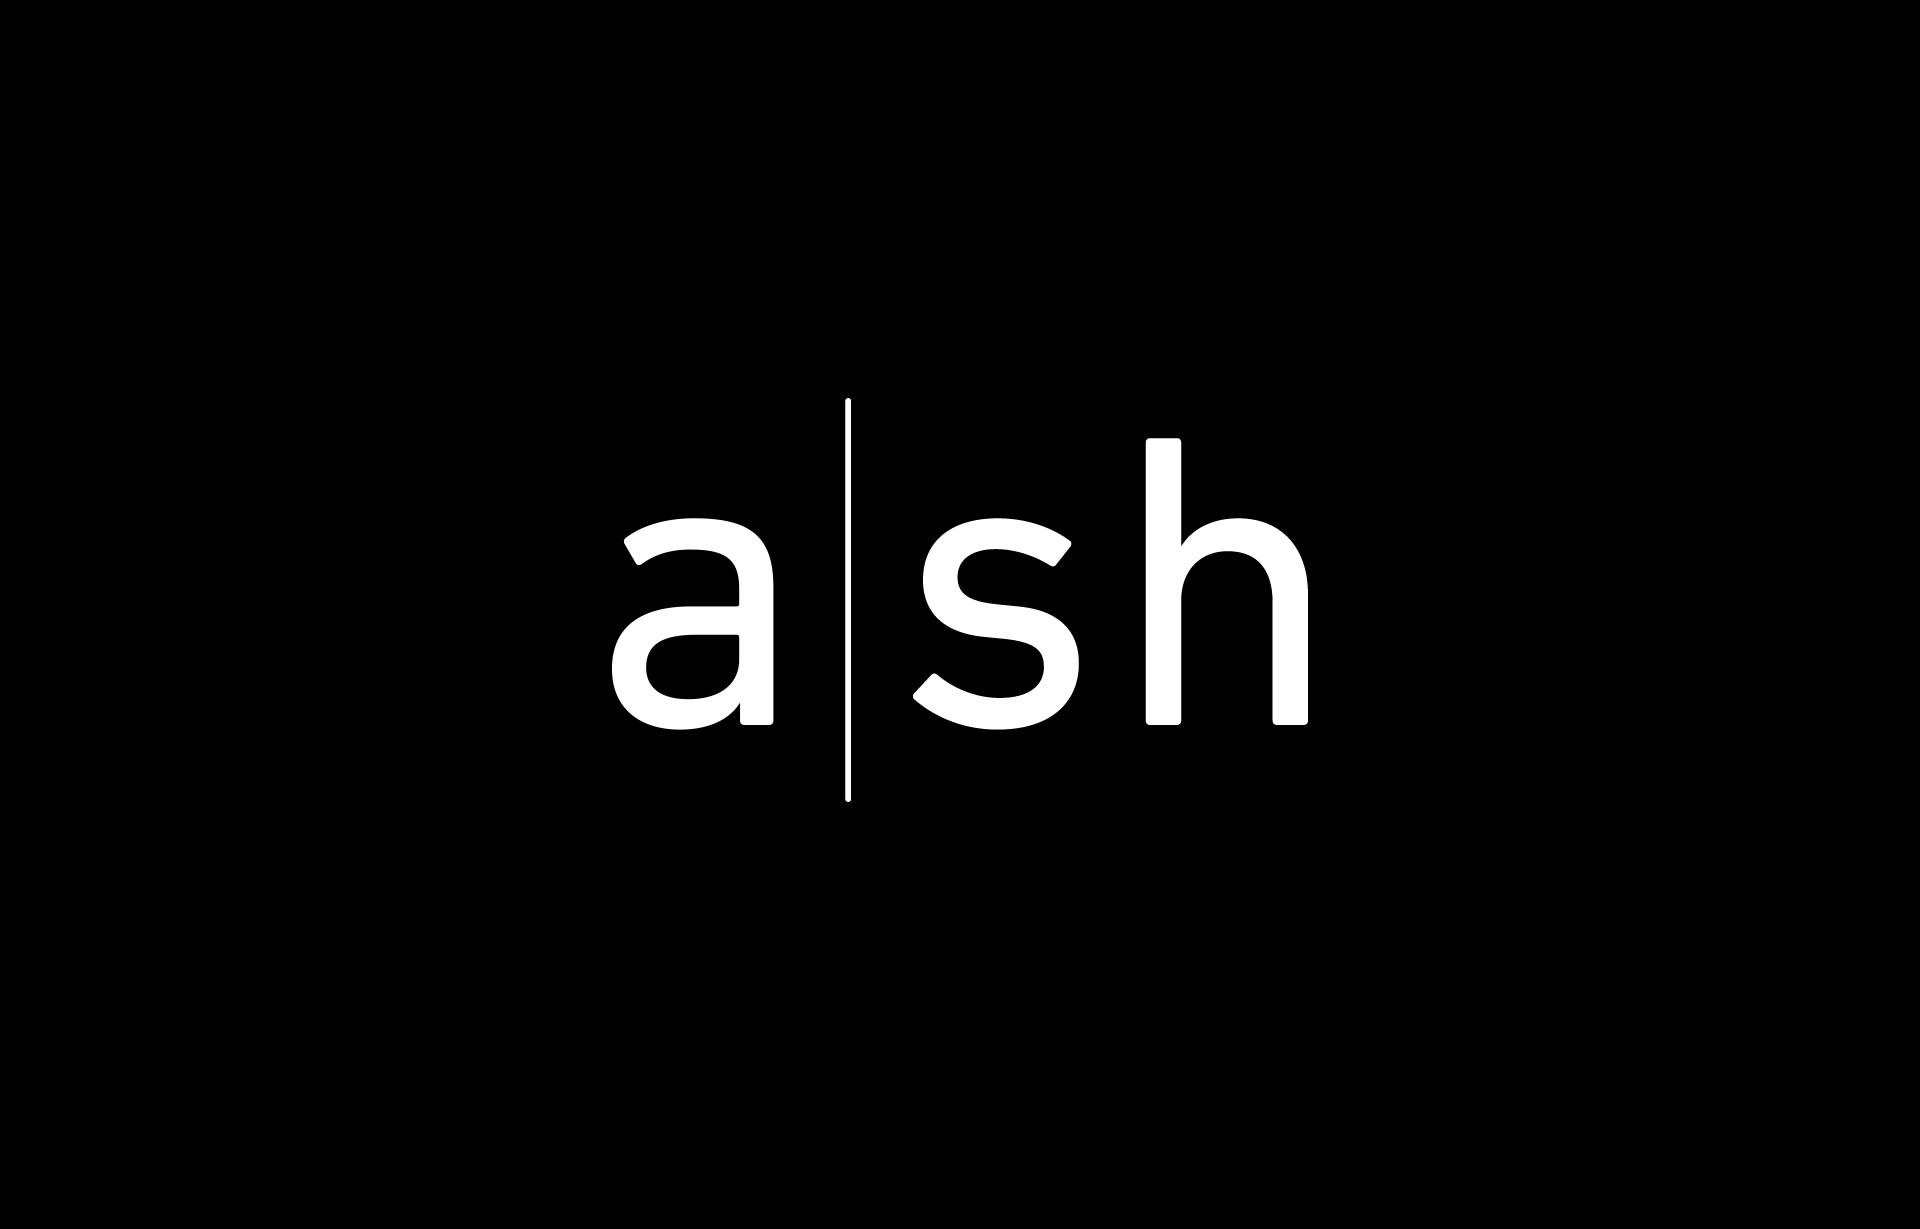 a-sh logo